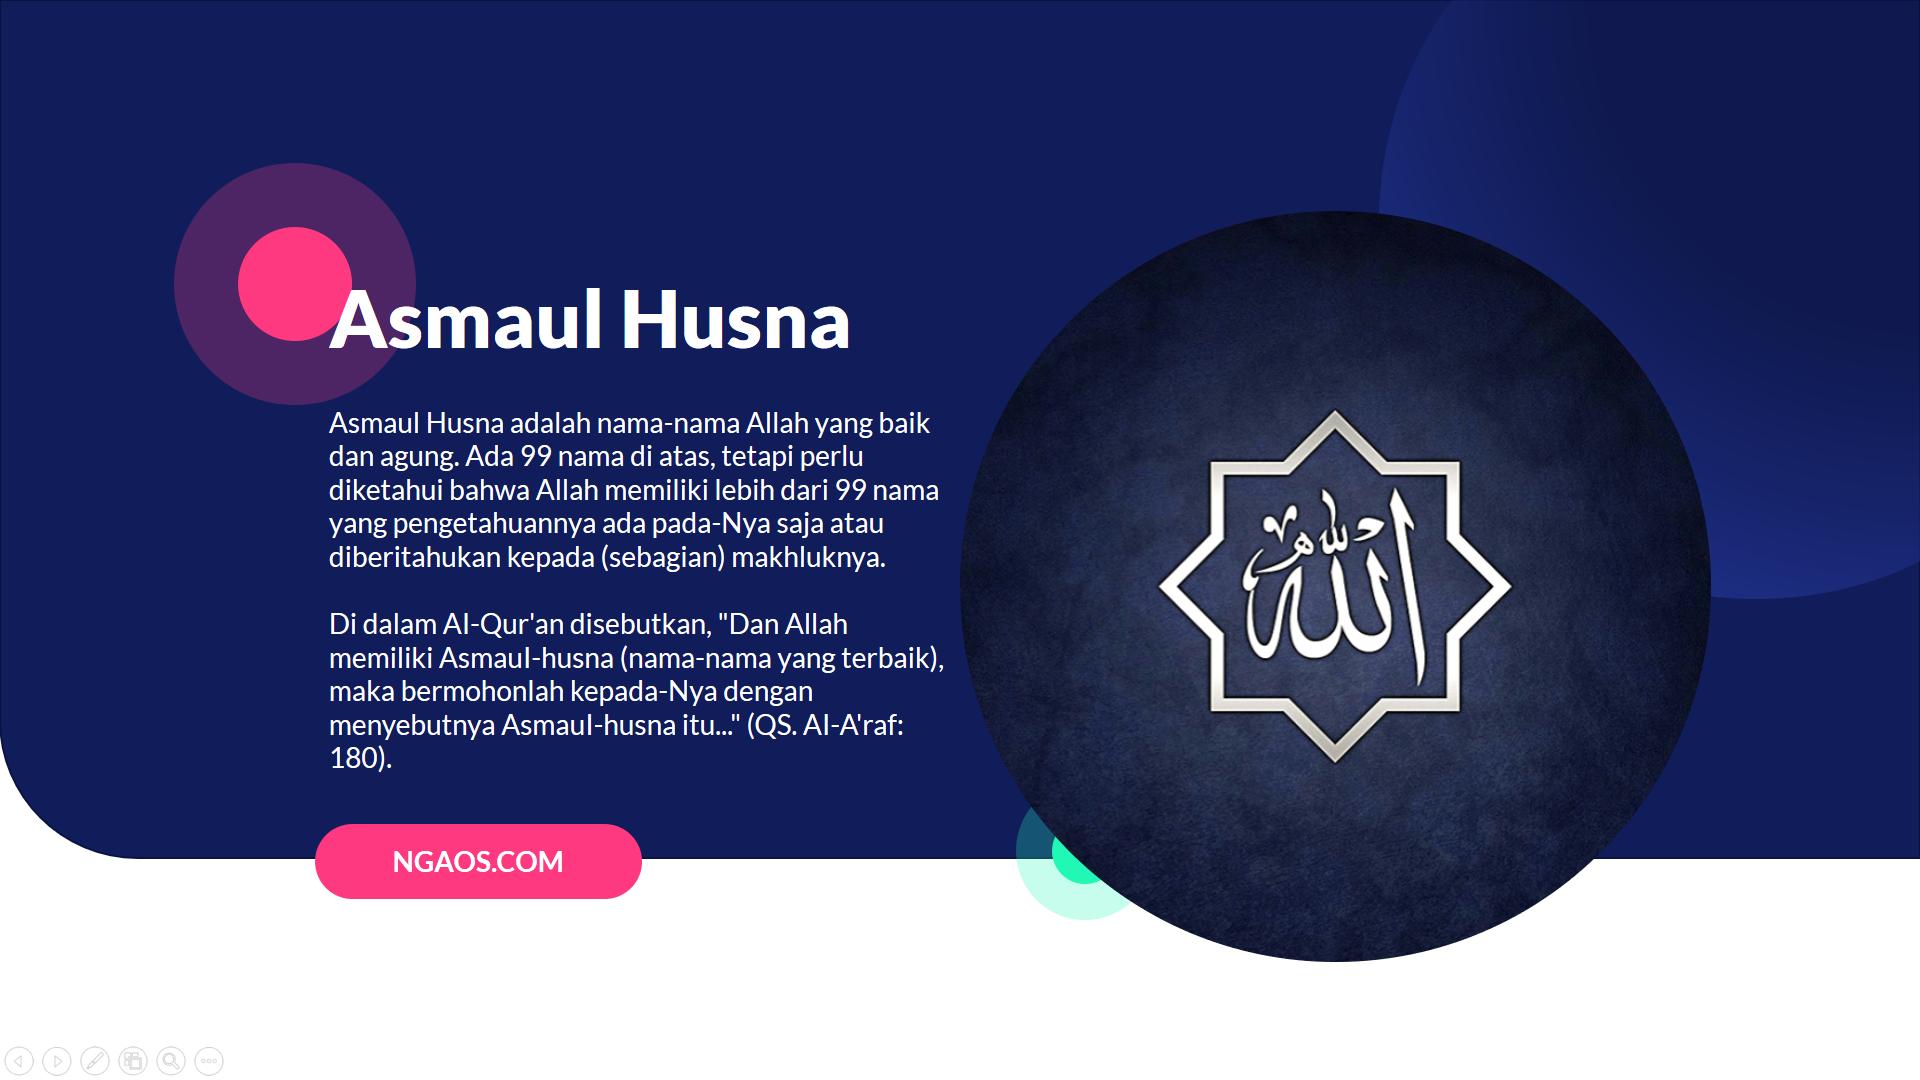 Asmaul Husna, Doa Asmaul Husna, Asmaul Husna Artinya,  Asmaul Husna Merupakan, 99 Asmaul Husna,  Nama Nama Allah,